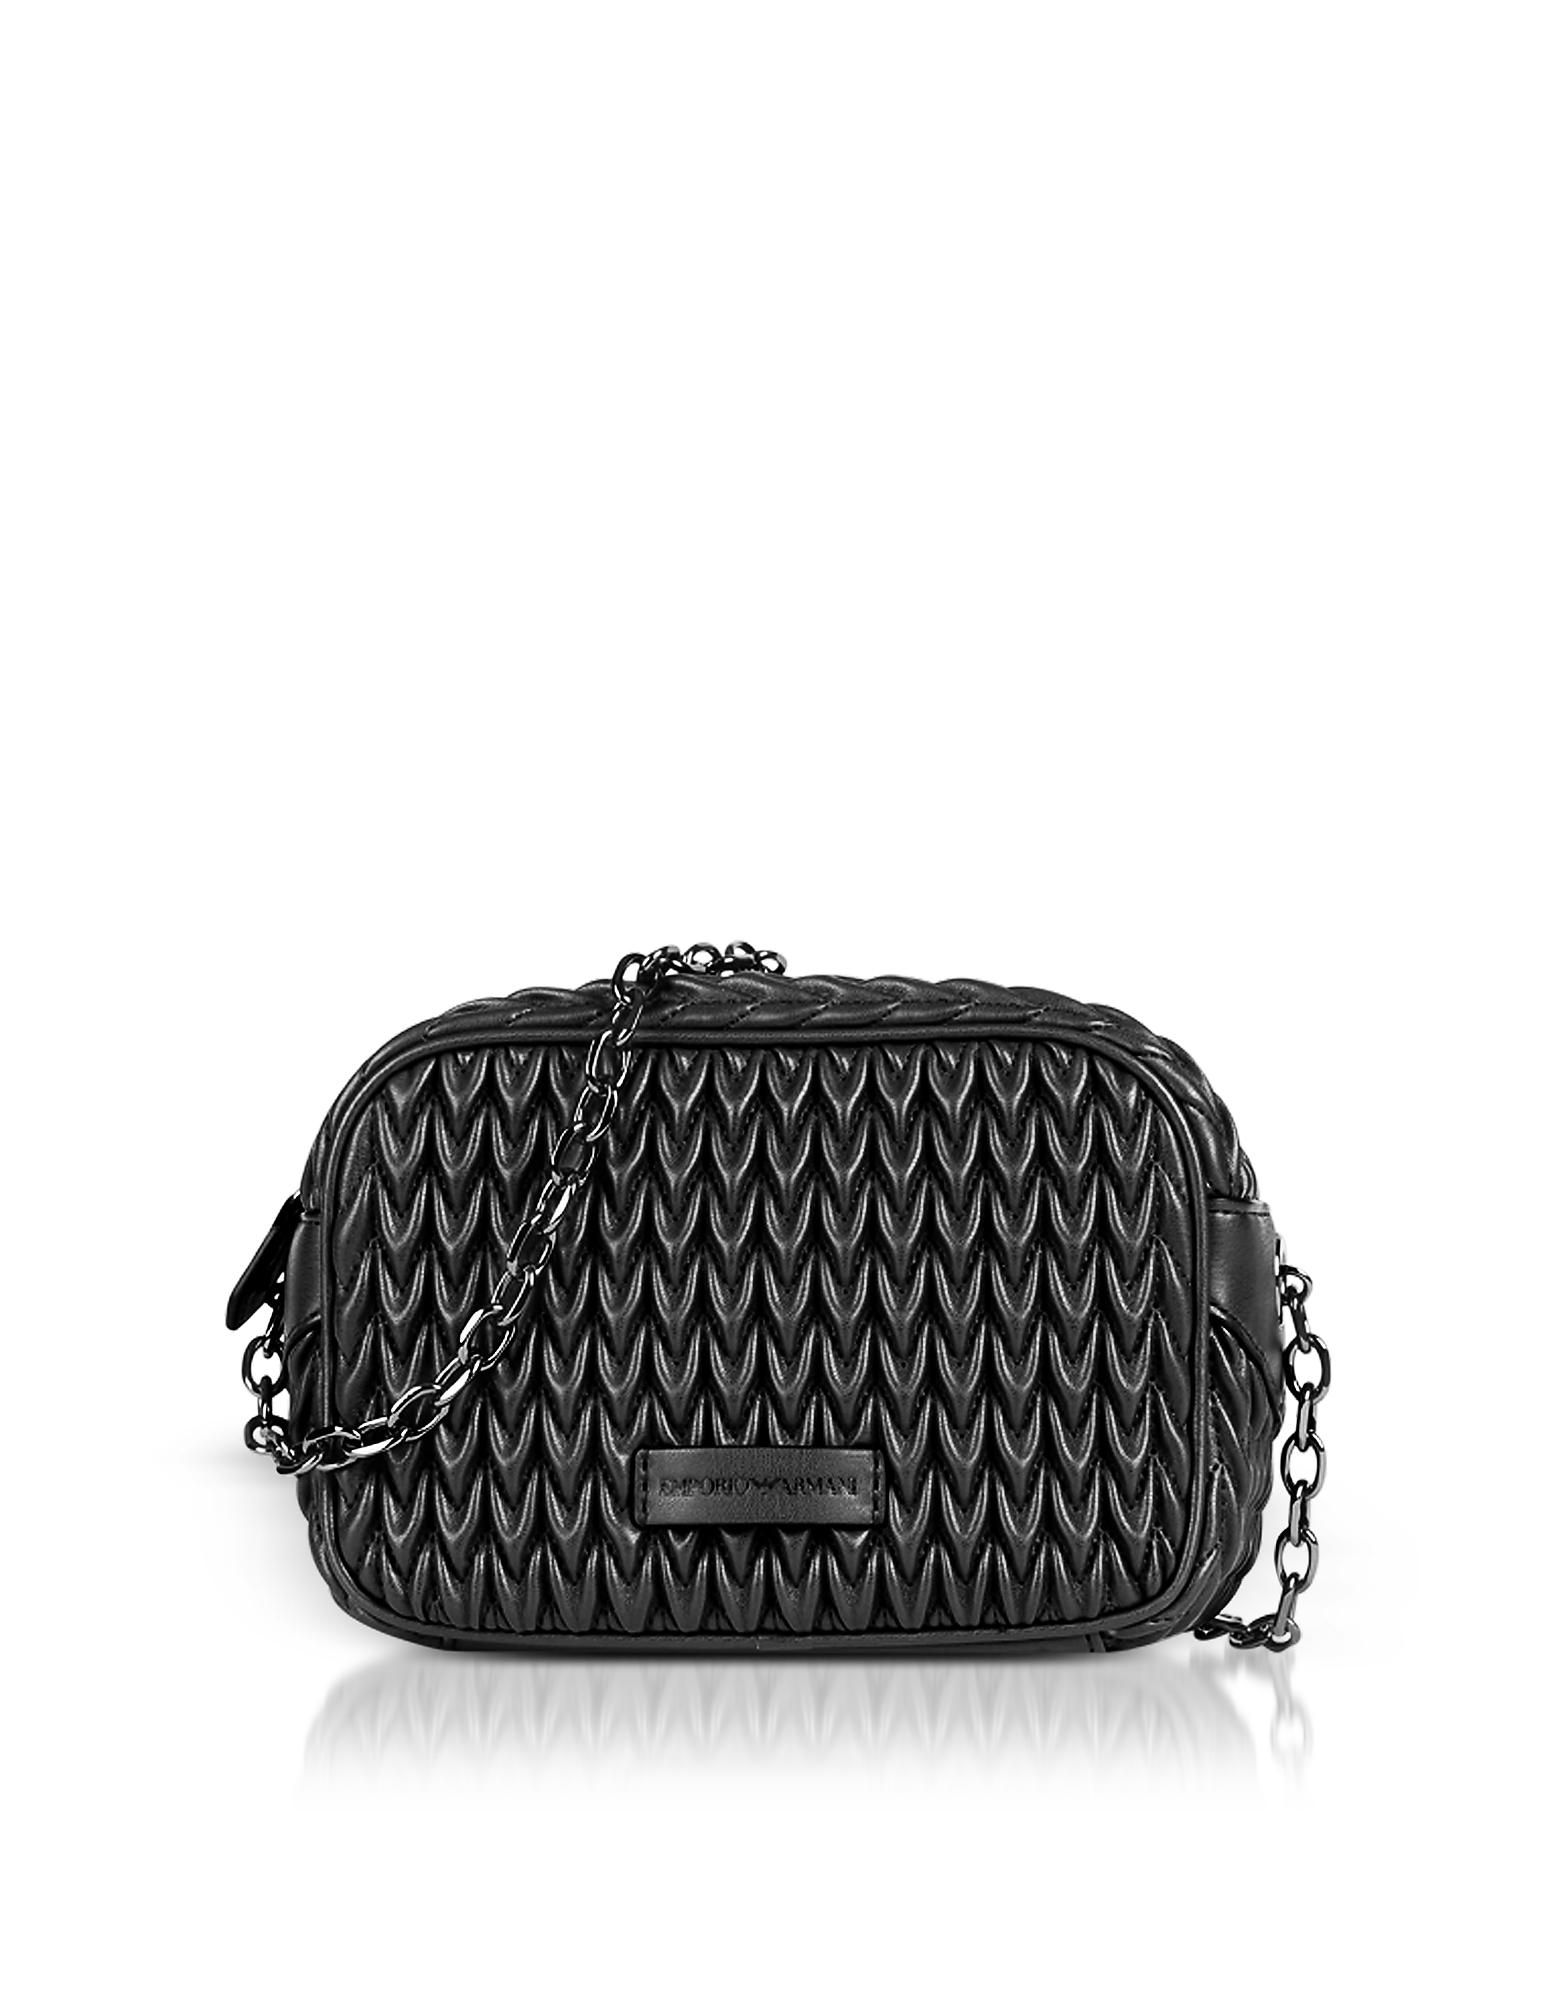 Emporio Armani Handbags, Quilted Eco-Leather Shoulder Bag